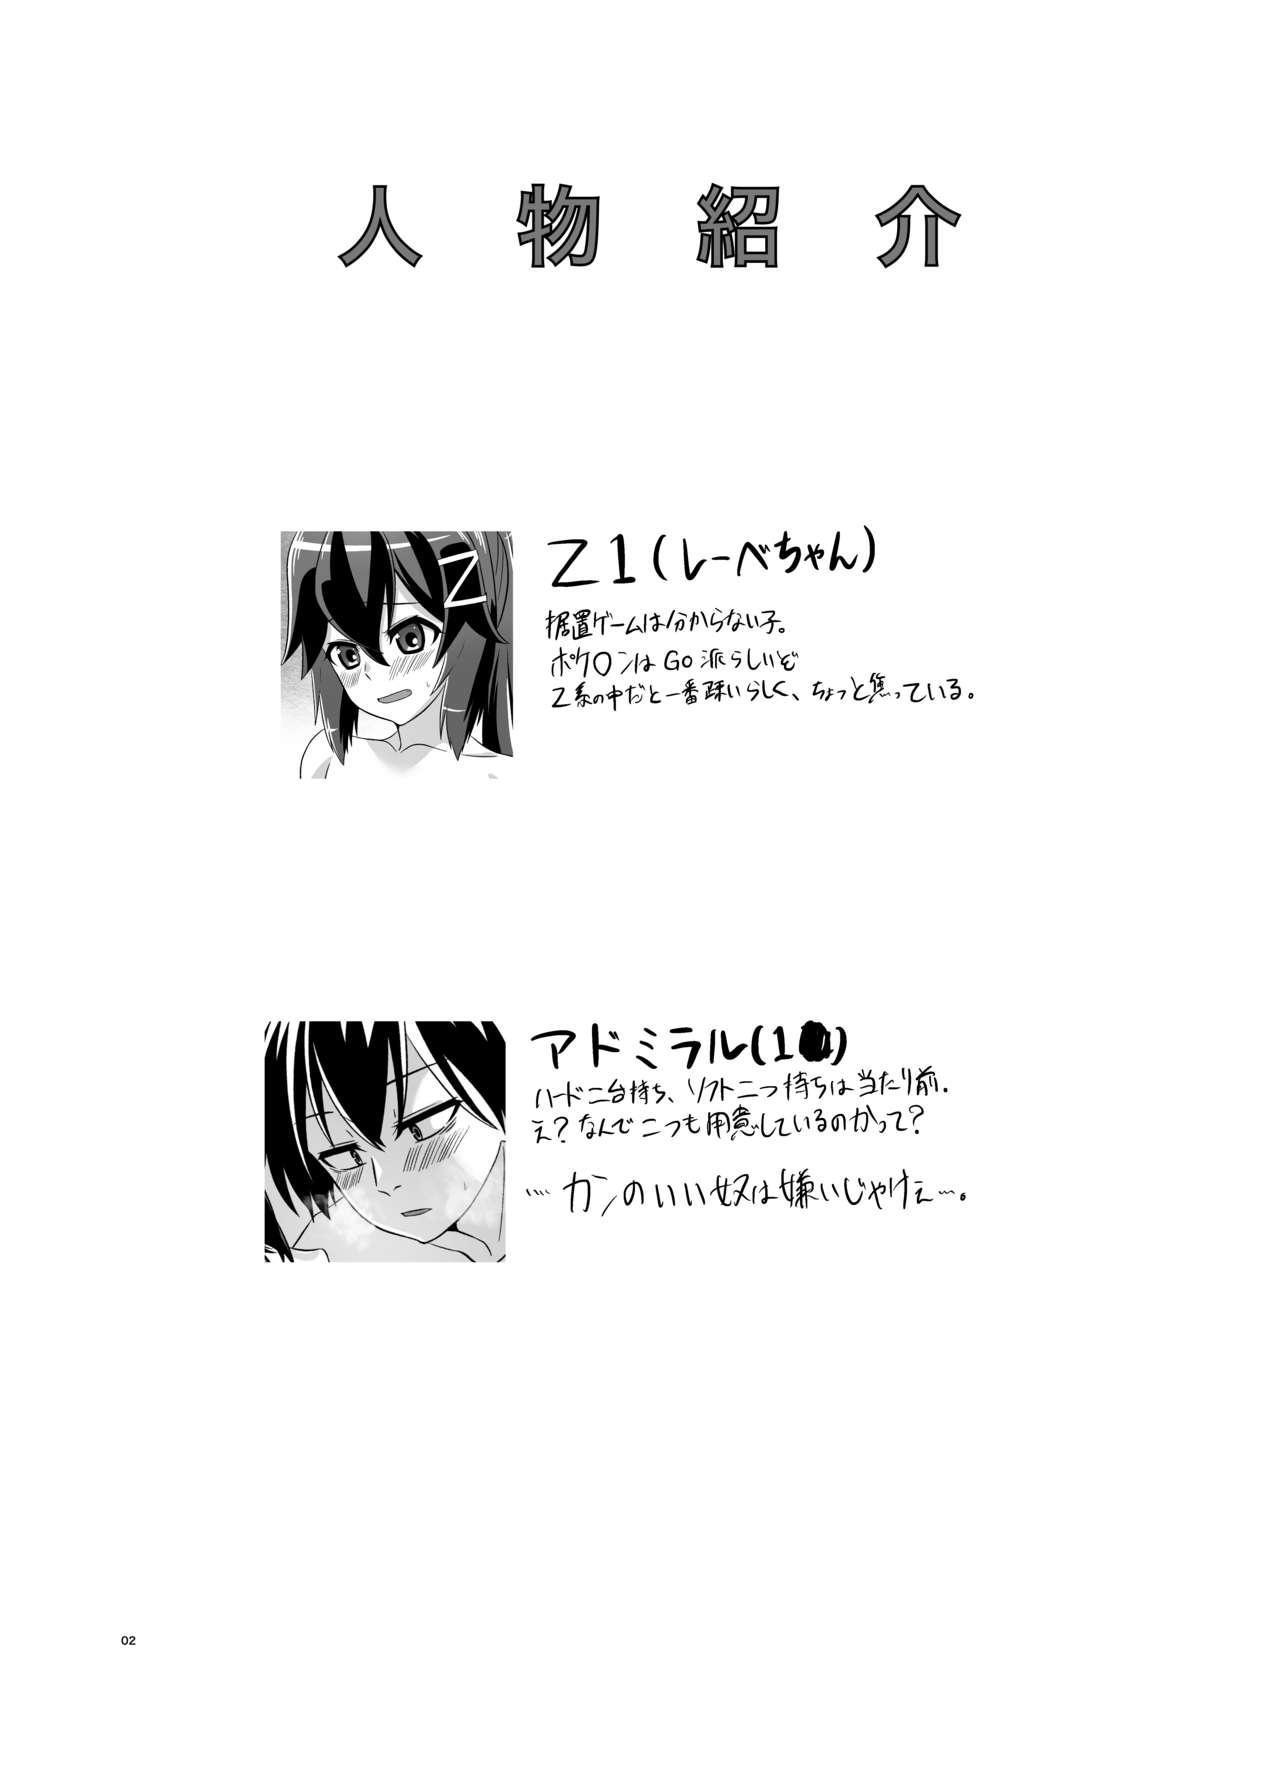 Itsumo no yoru futari no yotogi⑴ 2